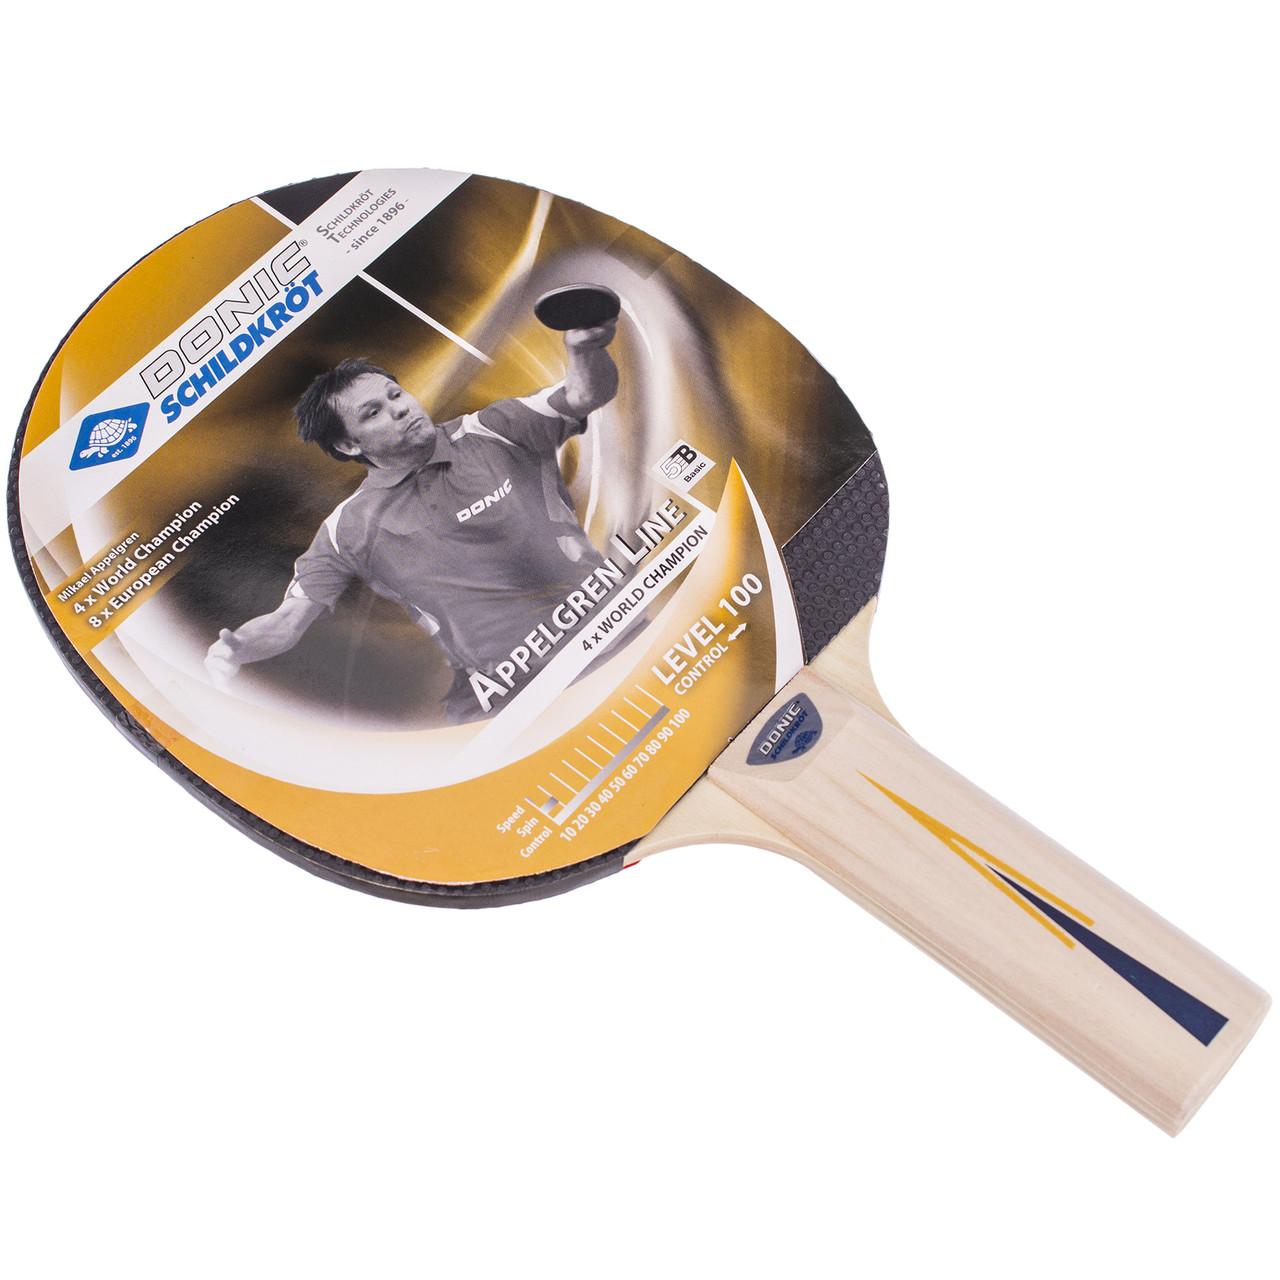 Ракетка для настольного тенниса (1 шт) DONIC LEVEL 100 MT-703004